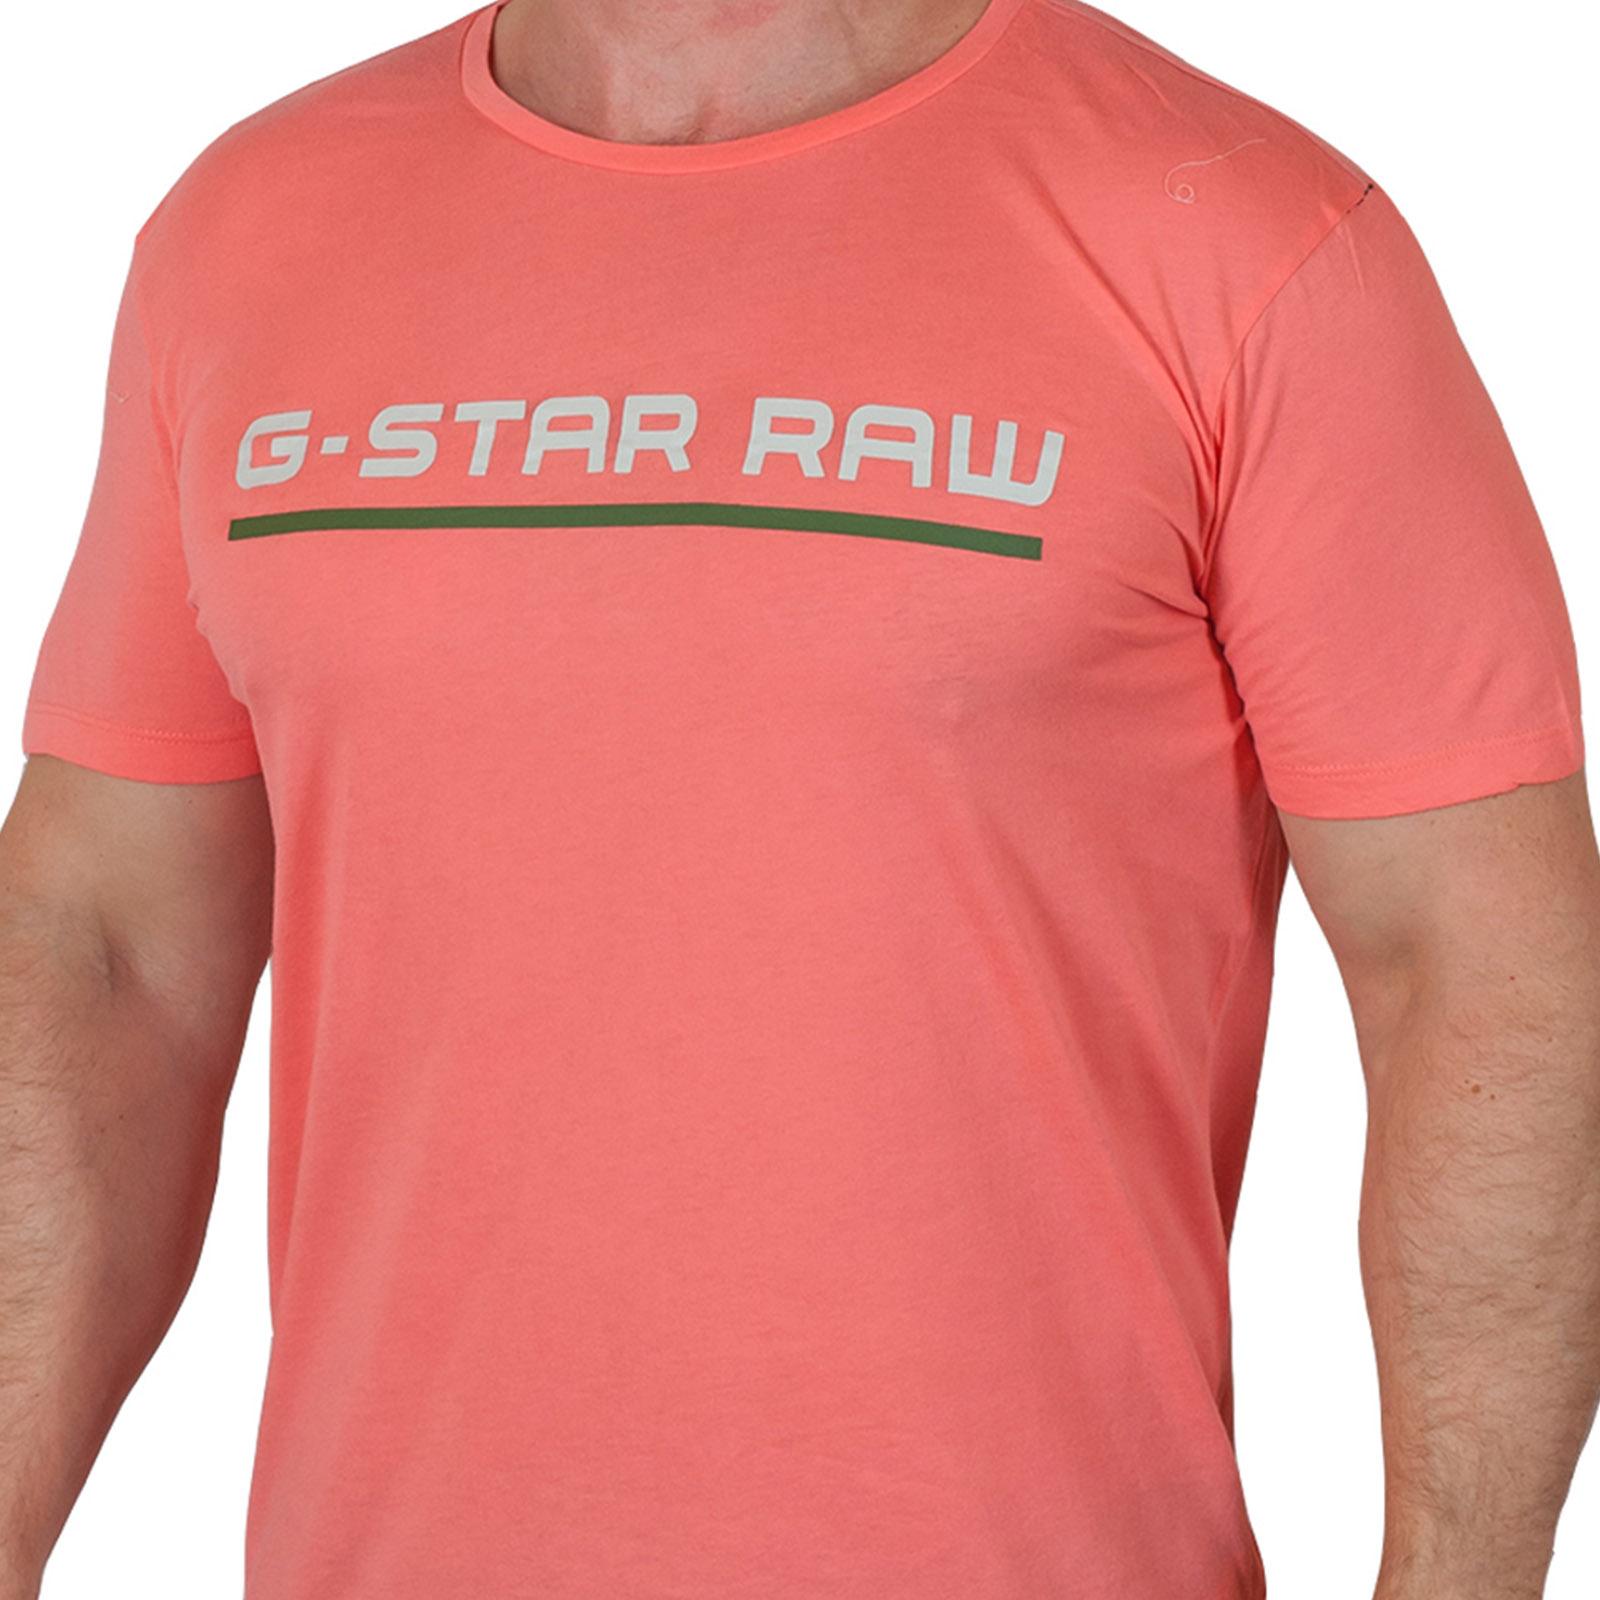 Футболка от легендарного бренда G-Star Raw®